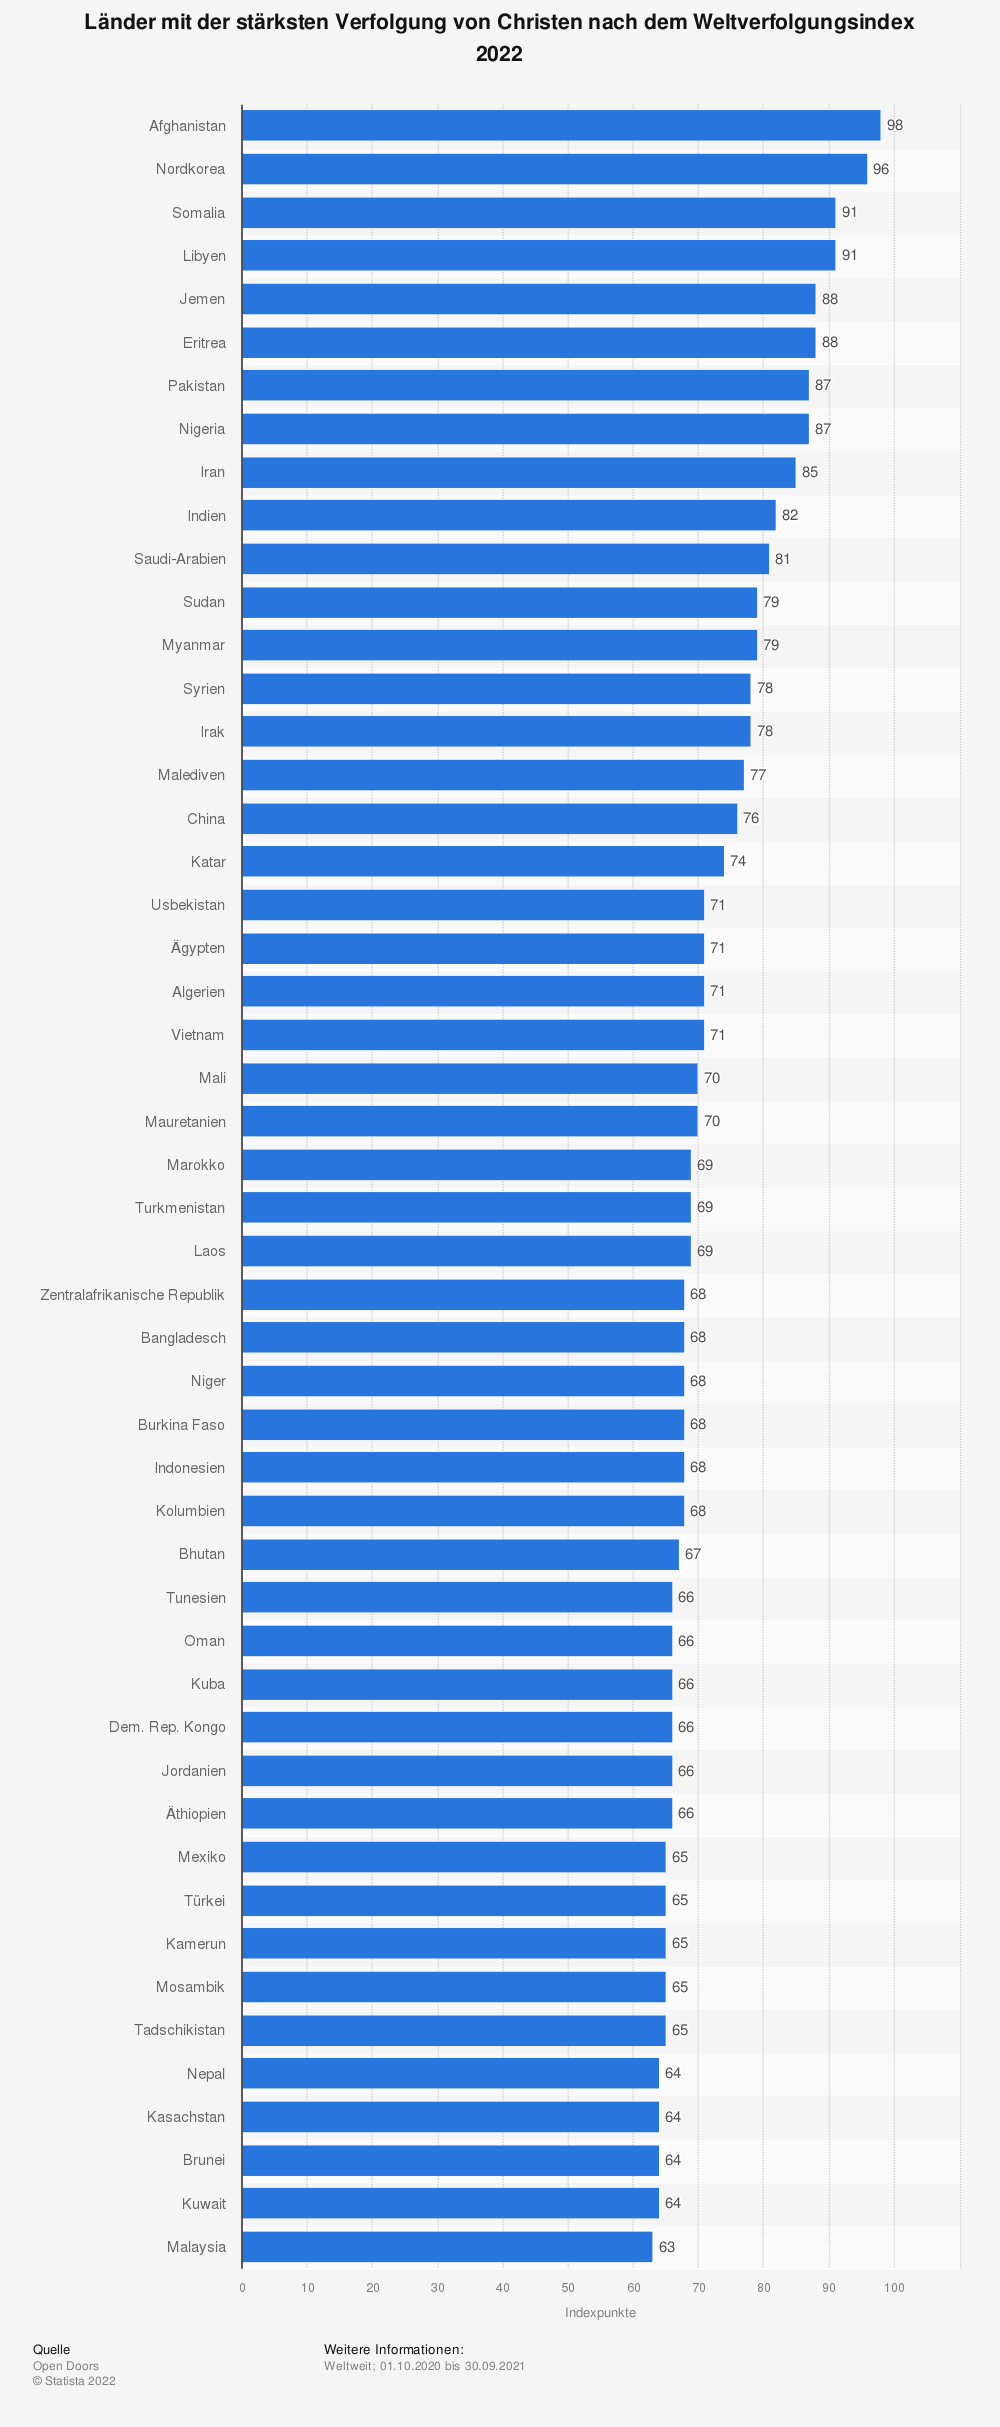 Statistik: Länder mit der stärksten Verfolgung von Christen nach dem Weltverfolgungsindex 2019 | Statista